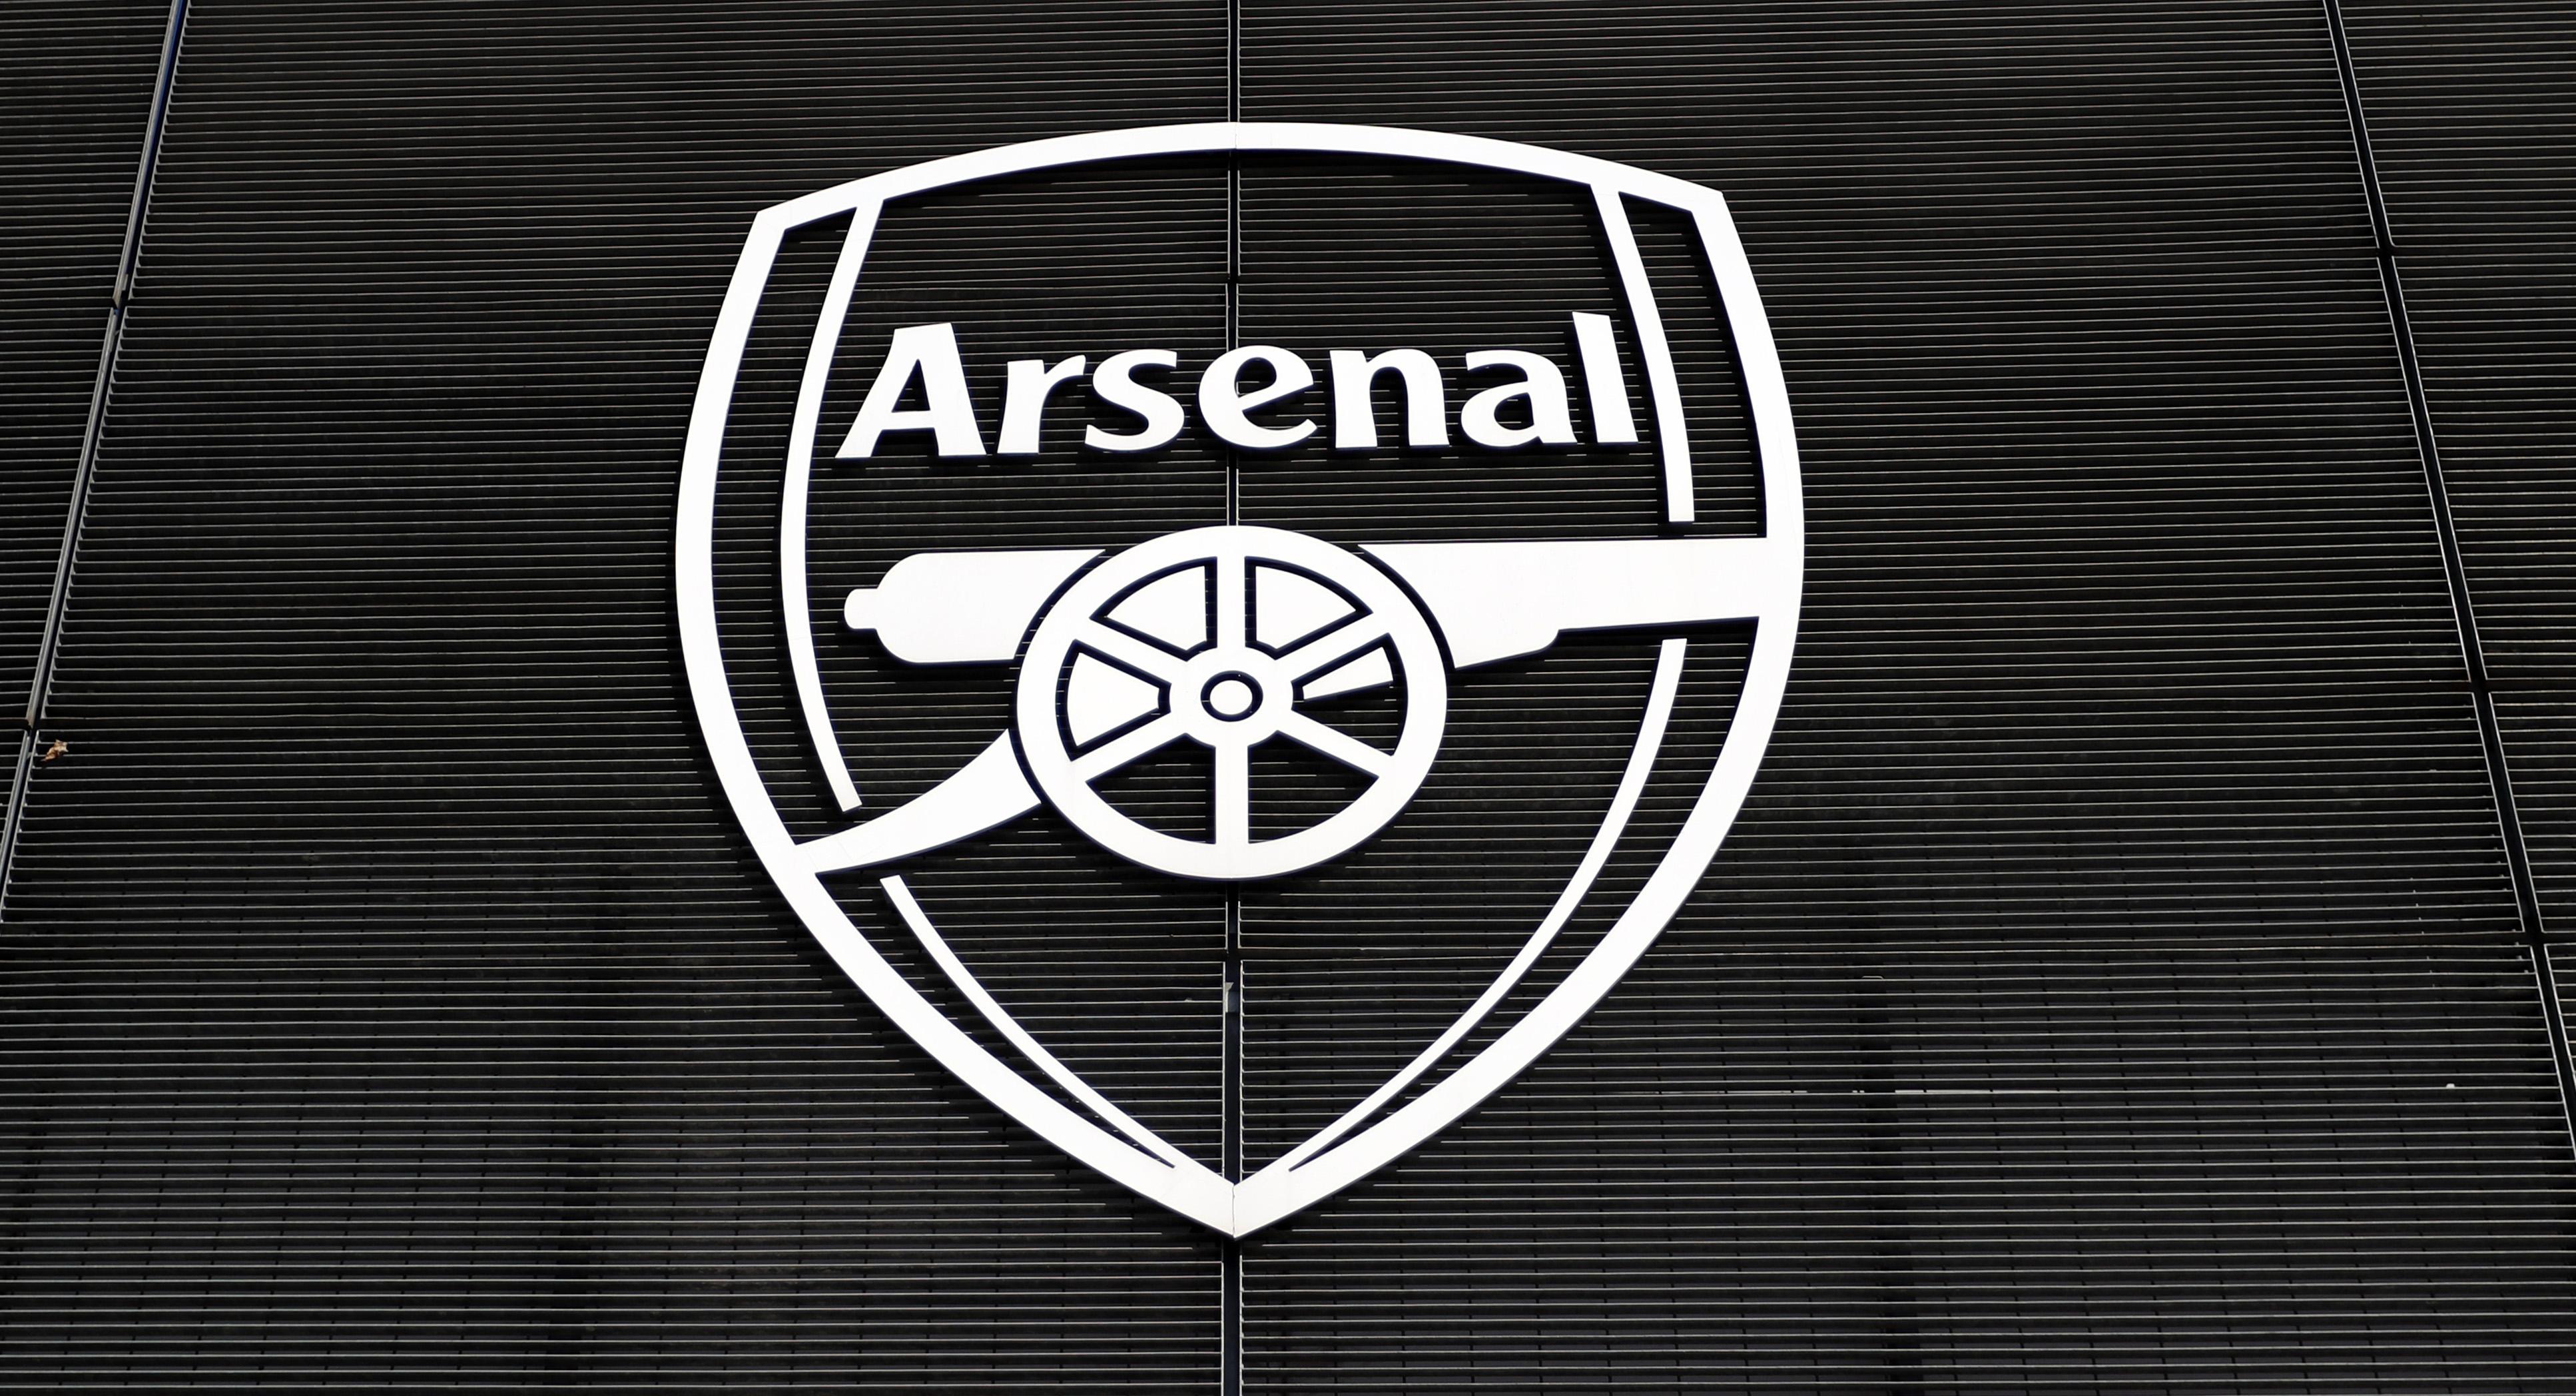 Premier League Grounds General Views 2020/21 Season